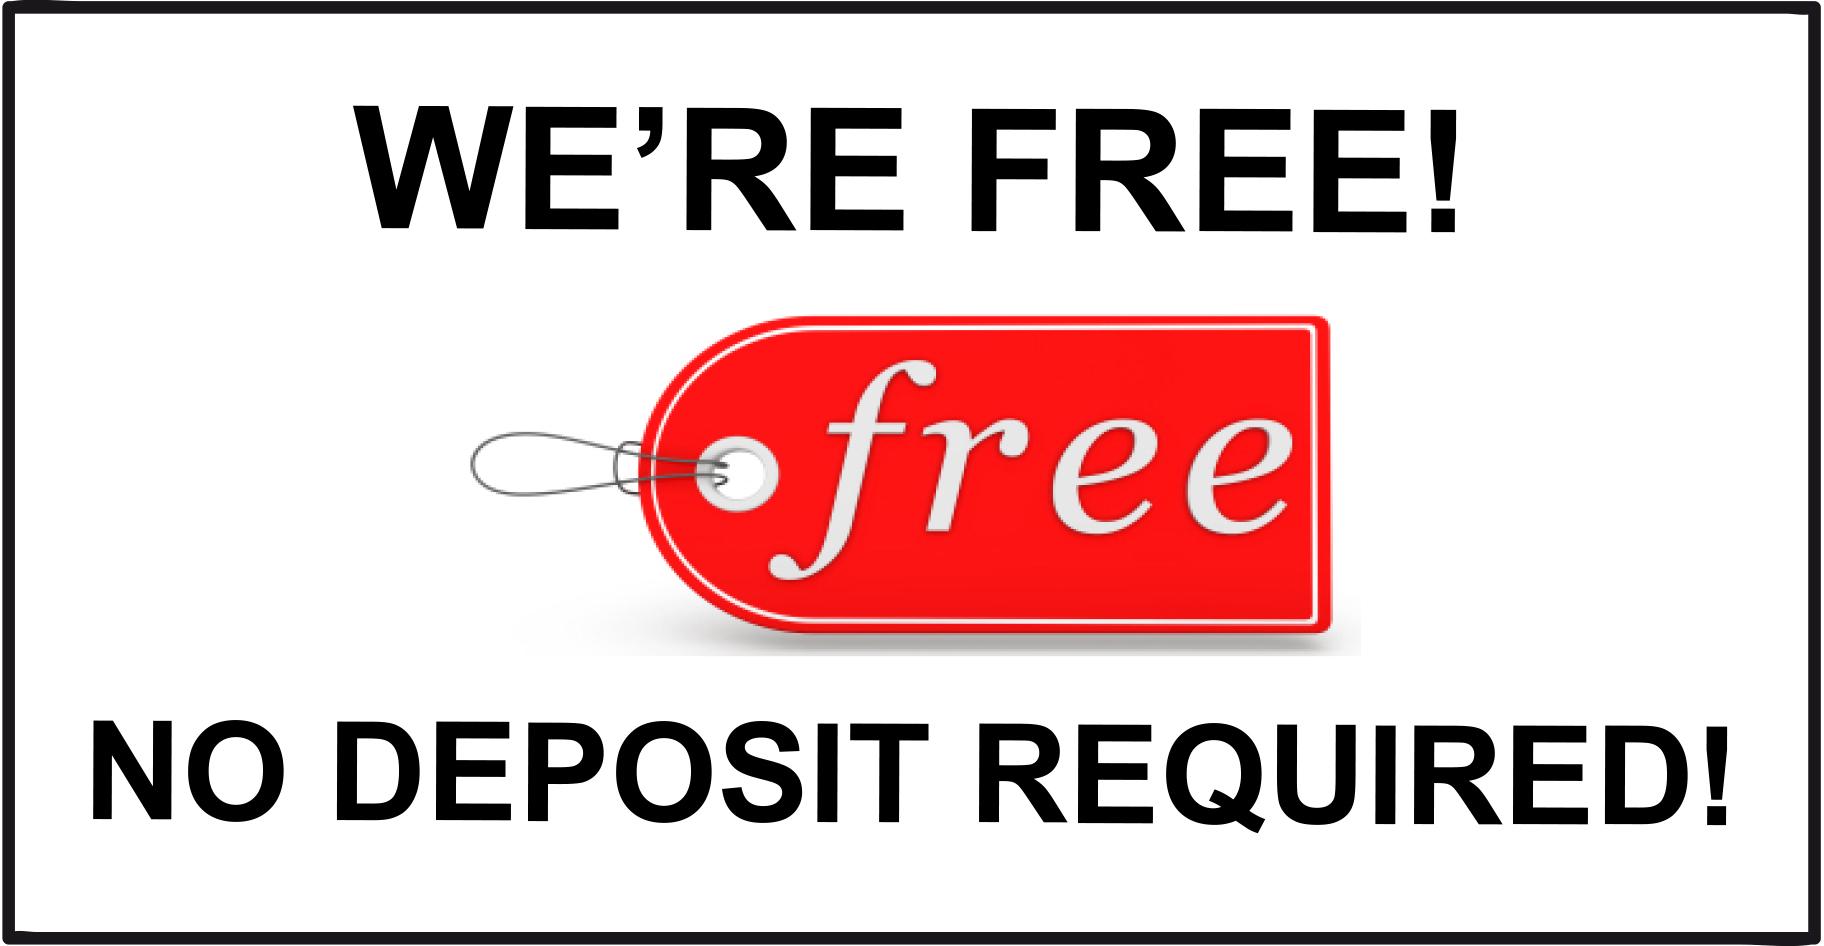 Deposit Free Artwork.jpg